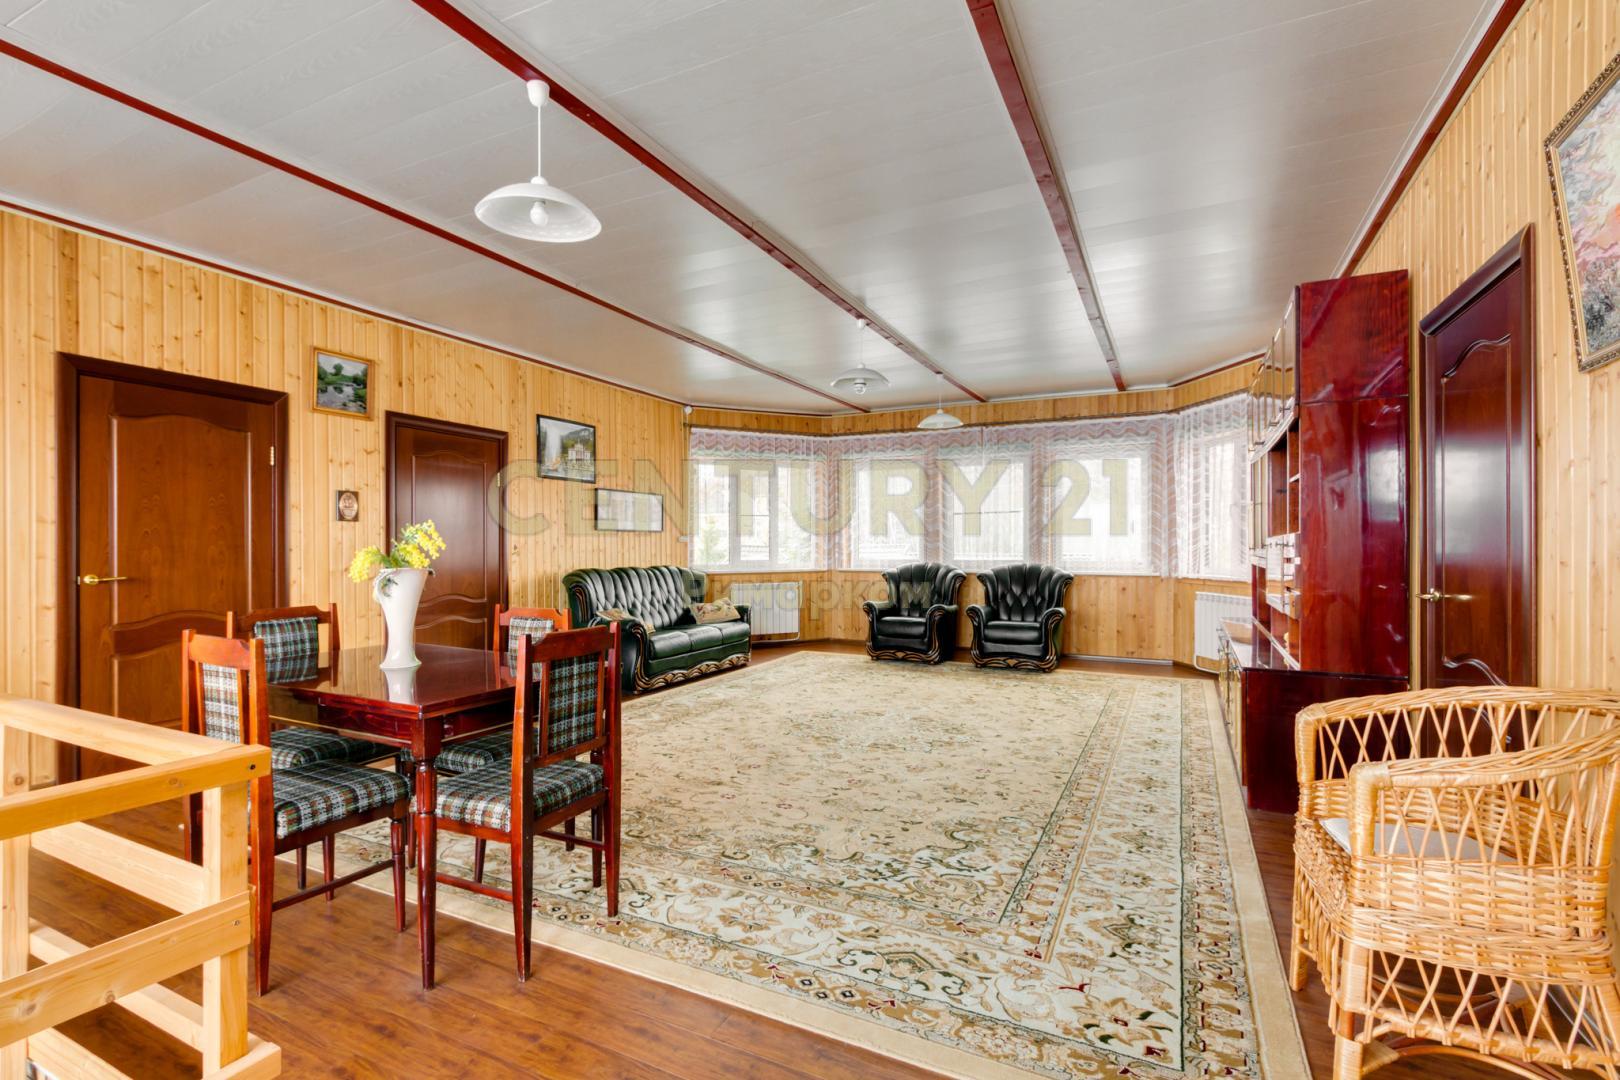 Продам дом по адресу Россия, Троицкий административный округ, Каменка фото 8 по выгодной цене